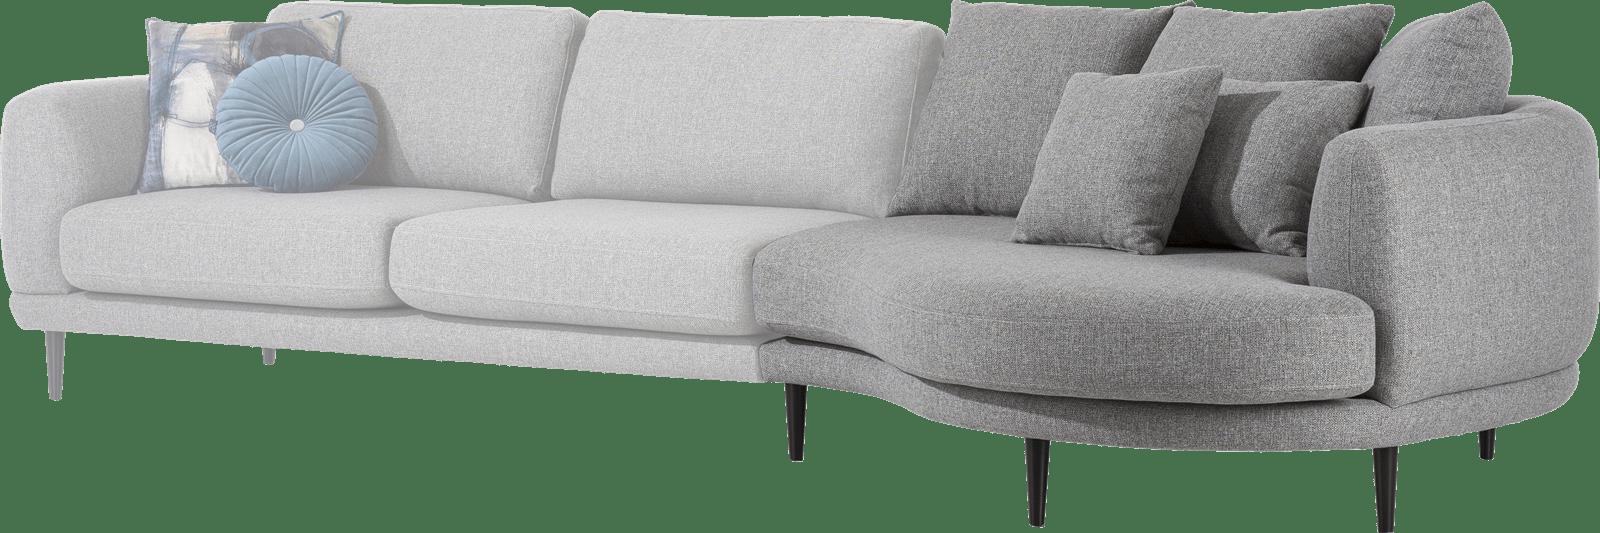 Henders & Hazel - Portland - Moderne - Canapés - lounge end 3 coussin big inclus - rond - droite